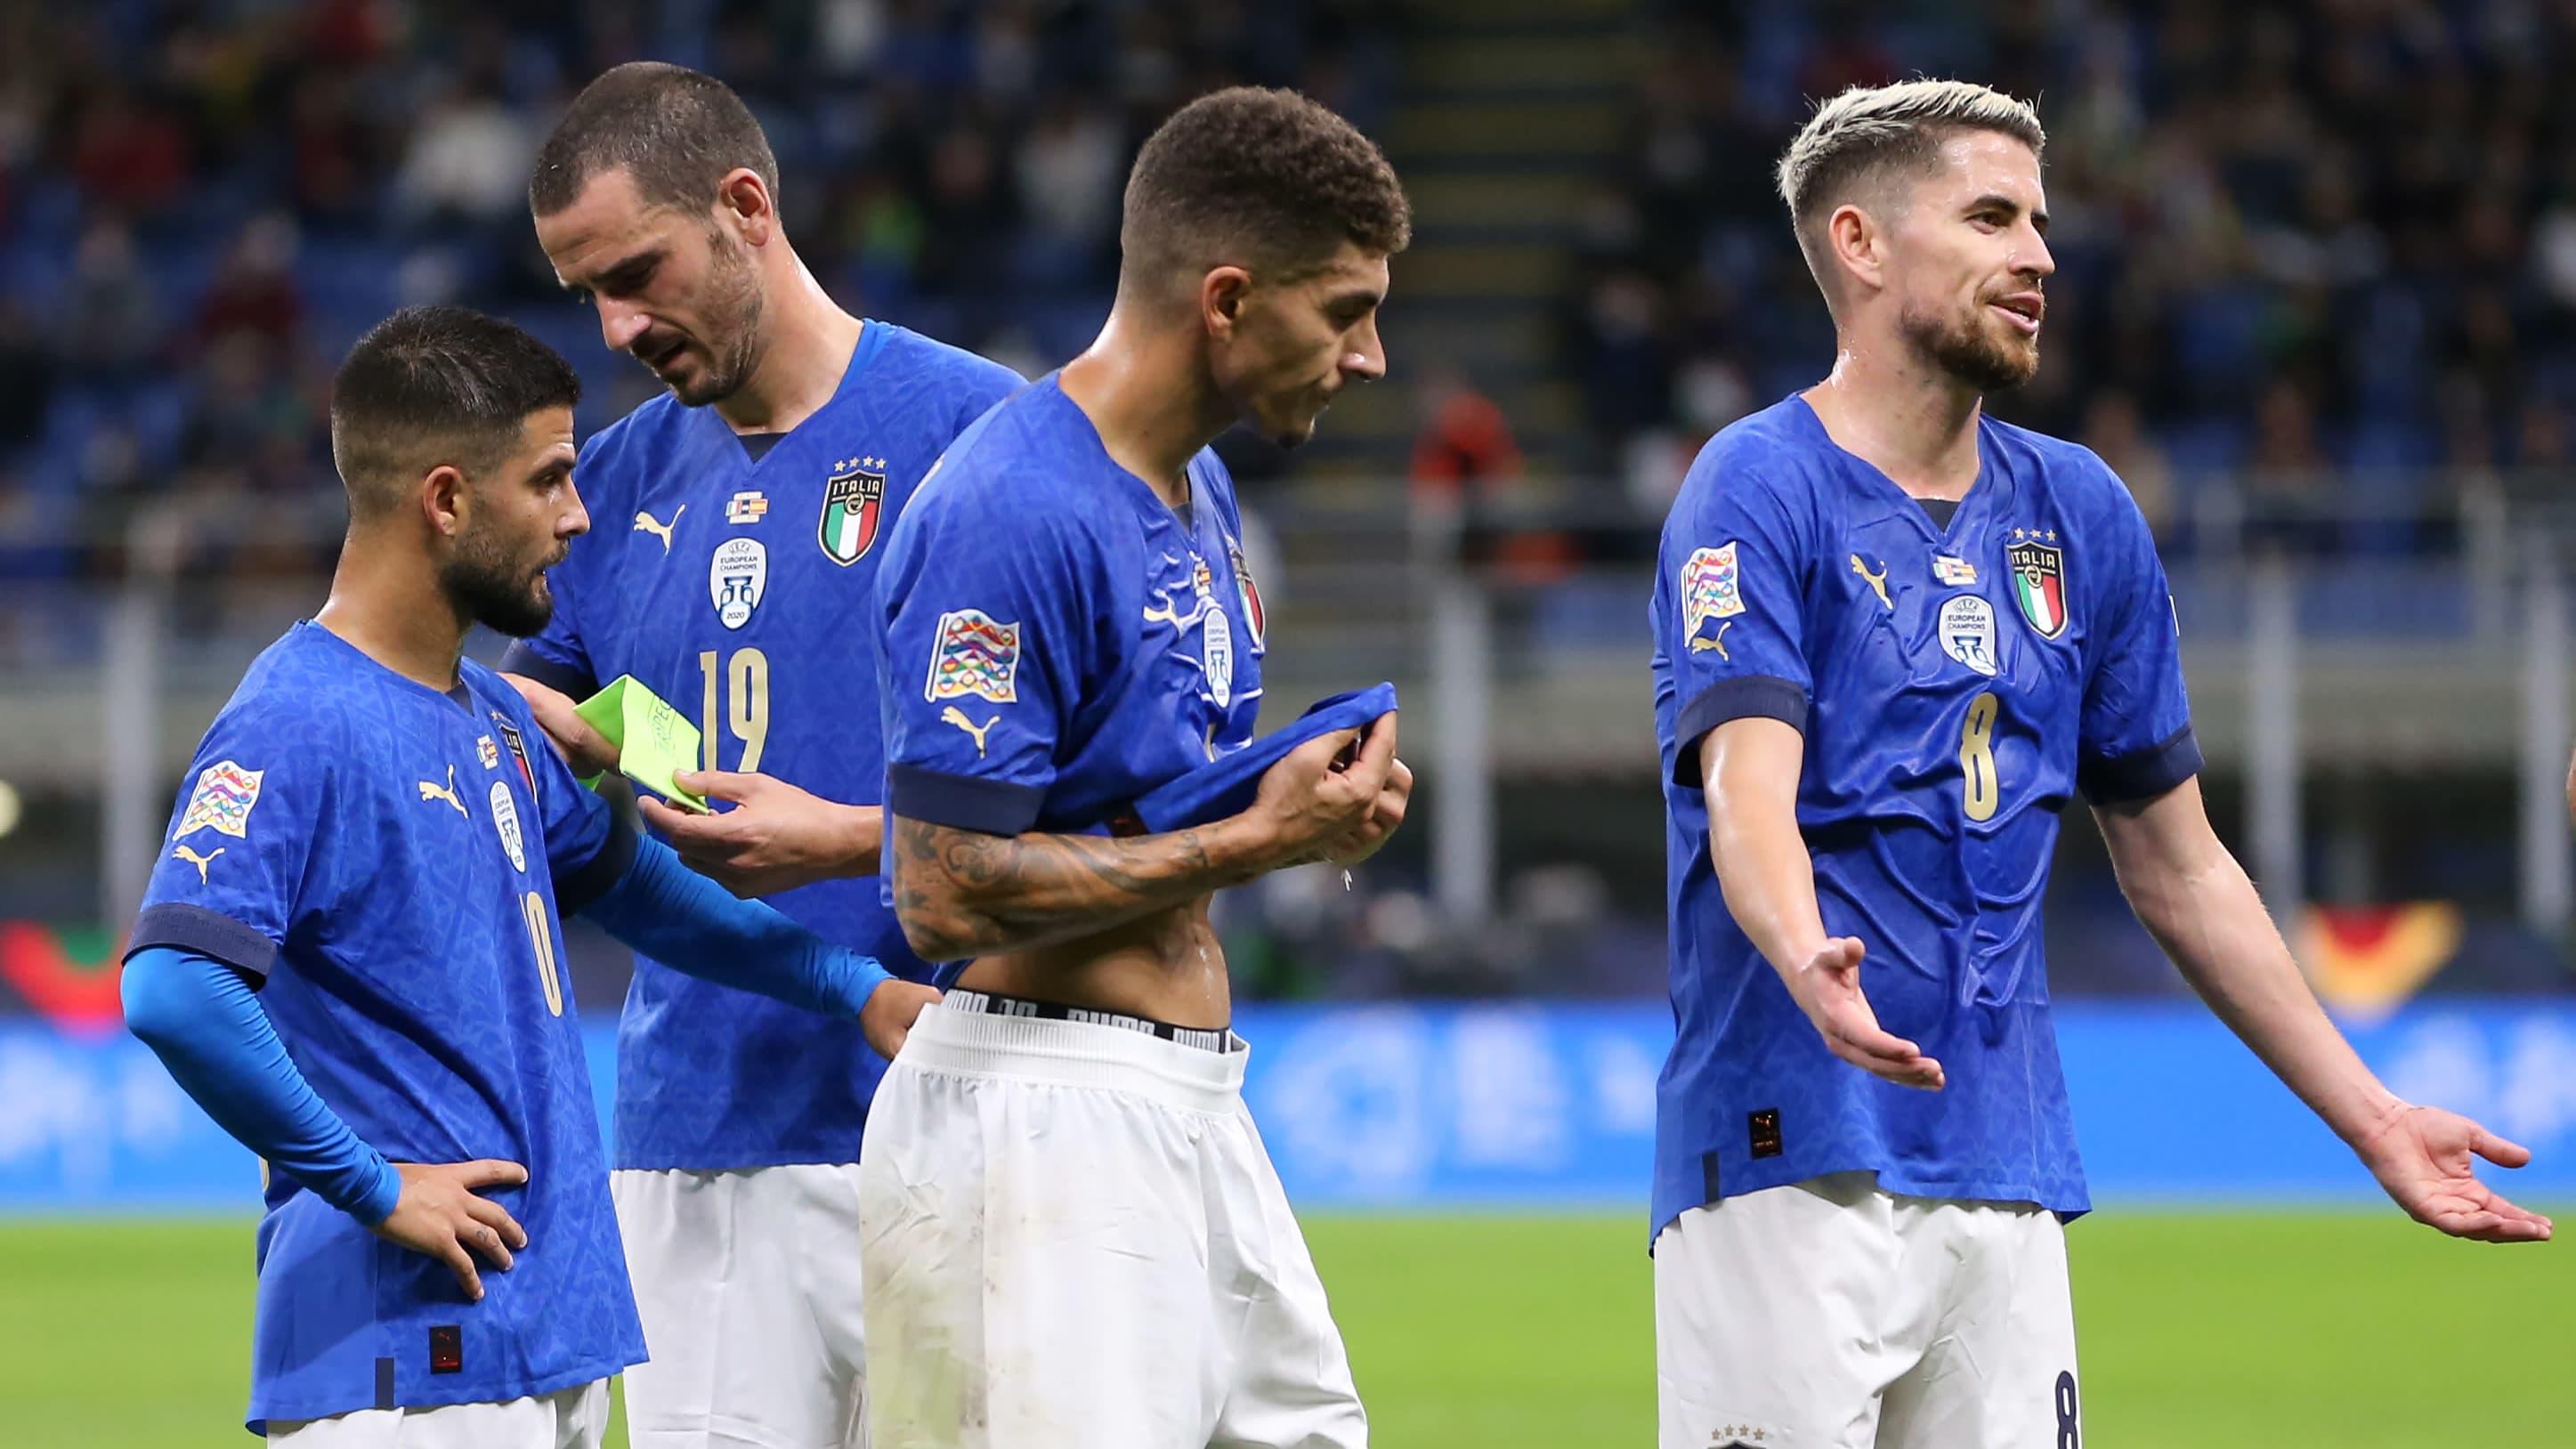 Italian pelaajat levittelevät käsiä, kun Leonardo Bonucci ajetaan ulos Kansojen liigan välierässä 6.10.2021.